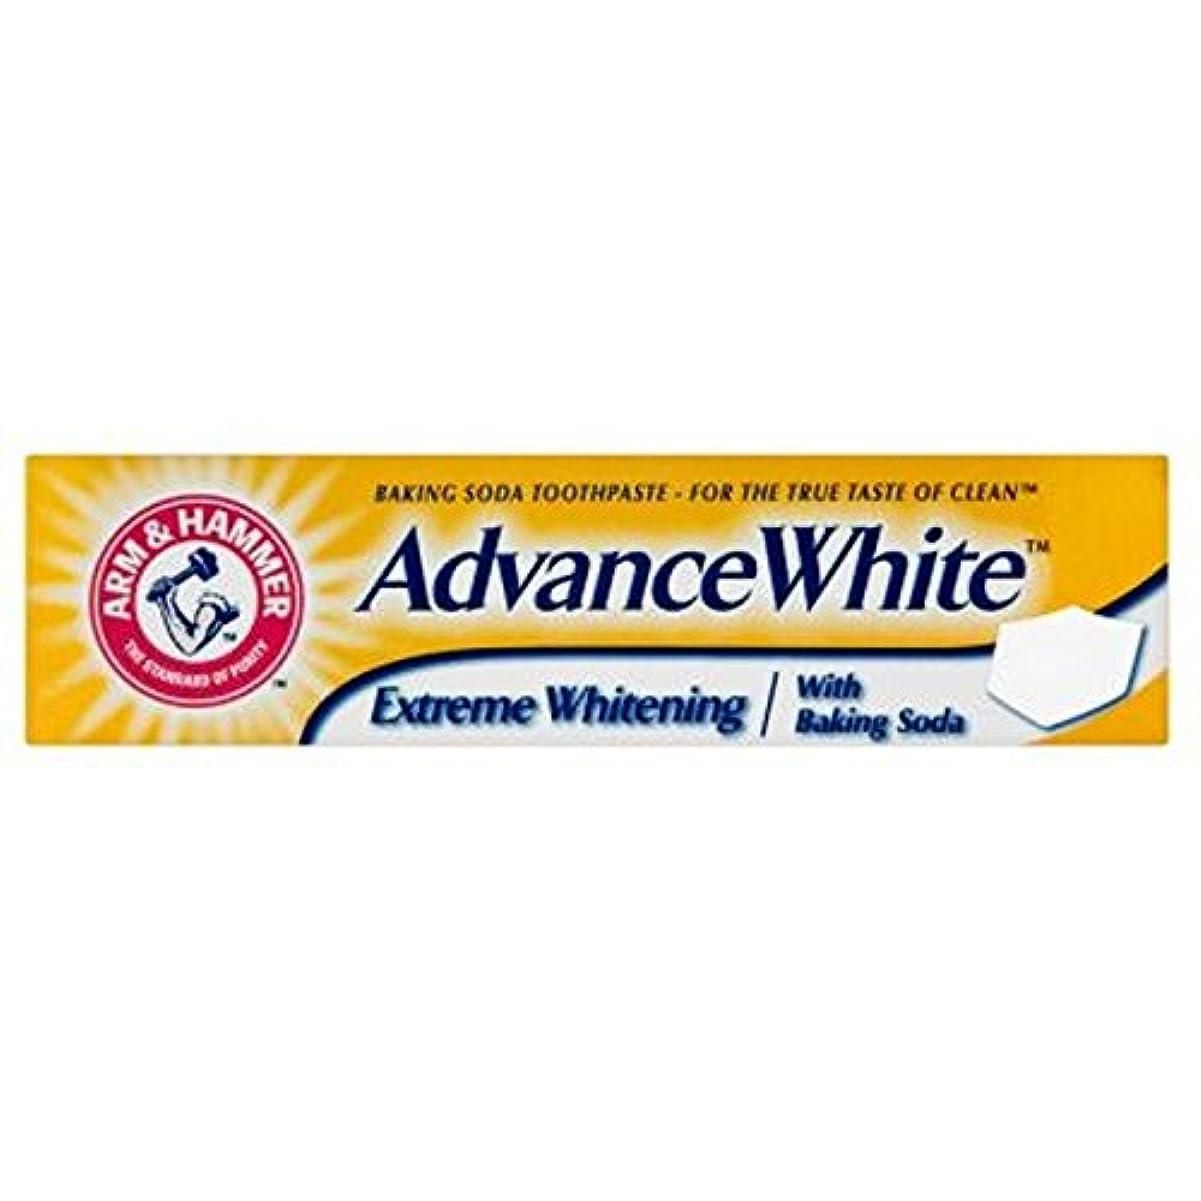 促進するみなさん理解するArm & Hammer Advance White Extreme Whitening Baking Soda Toothpaste 75ml - 重曹歯磨き粉75ミリリットルをホワイトニングアーム&ハンマー事前白極端...